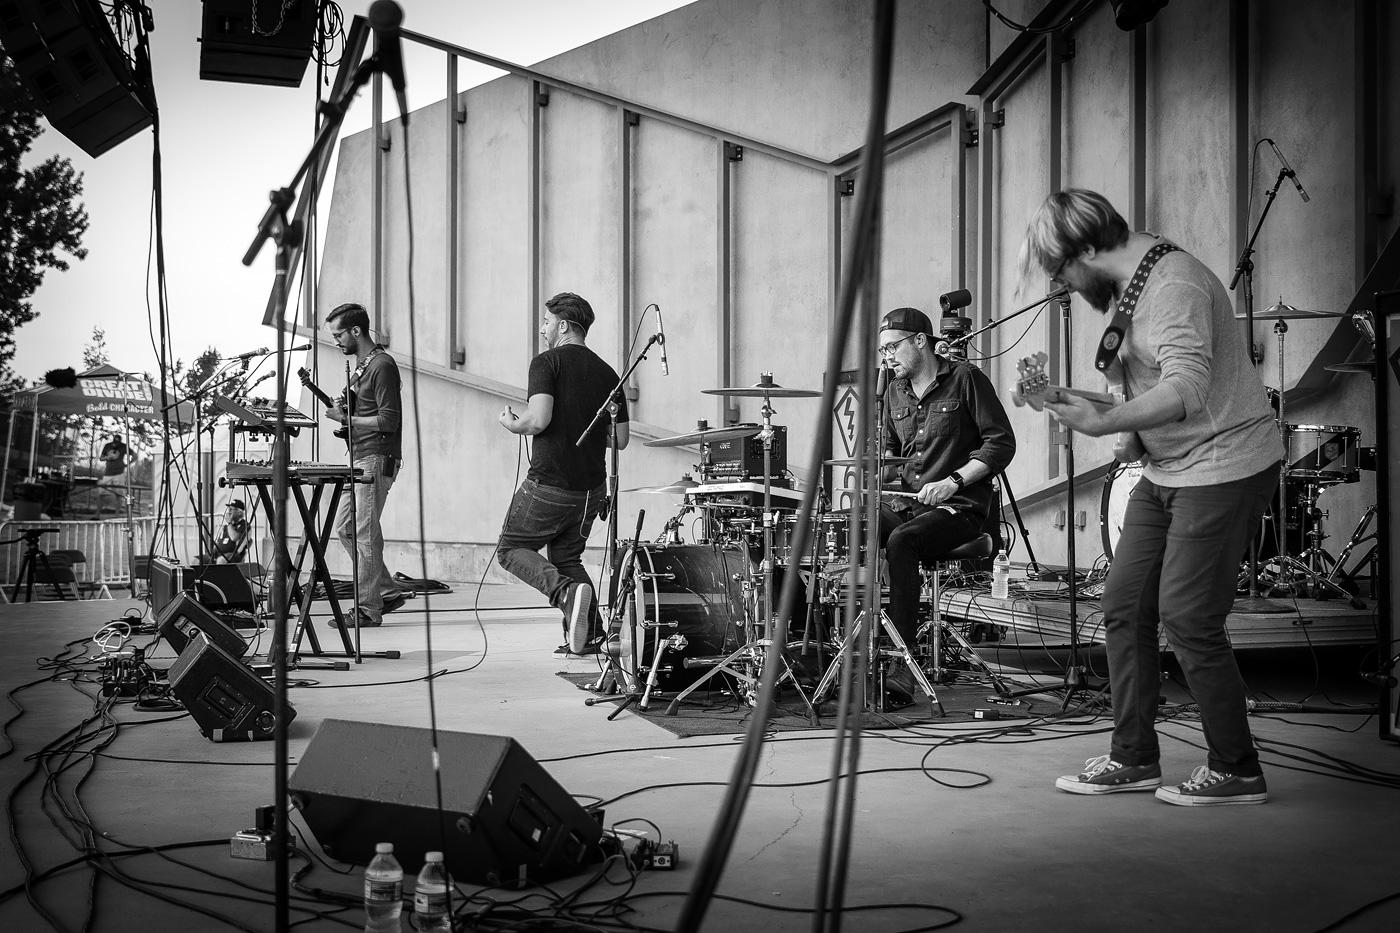 Denver band Chemistry Club at Levitt Pavilion